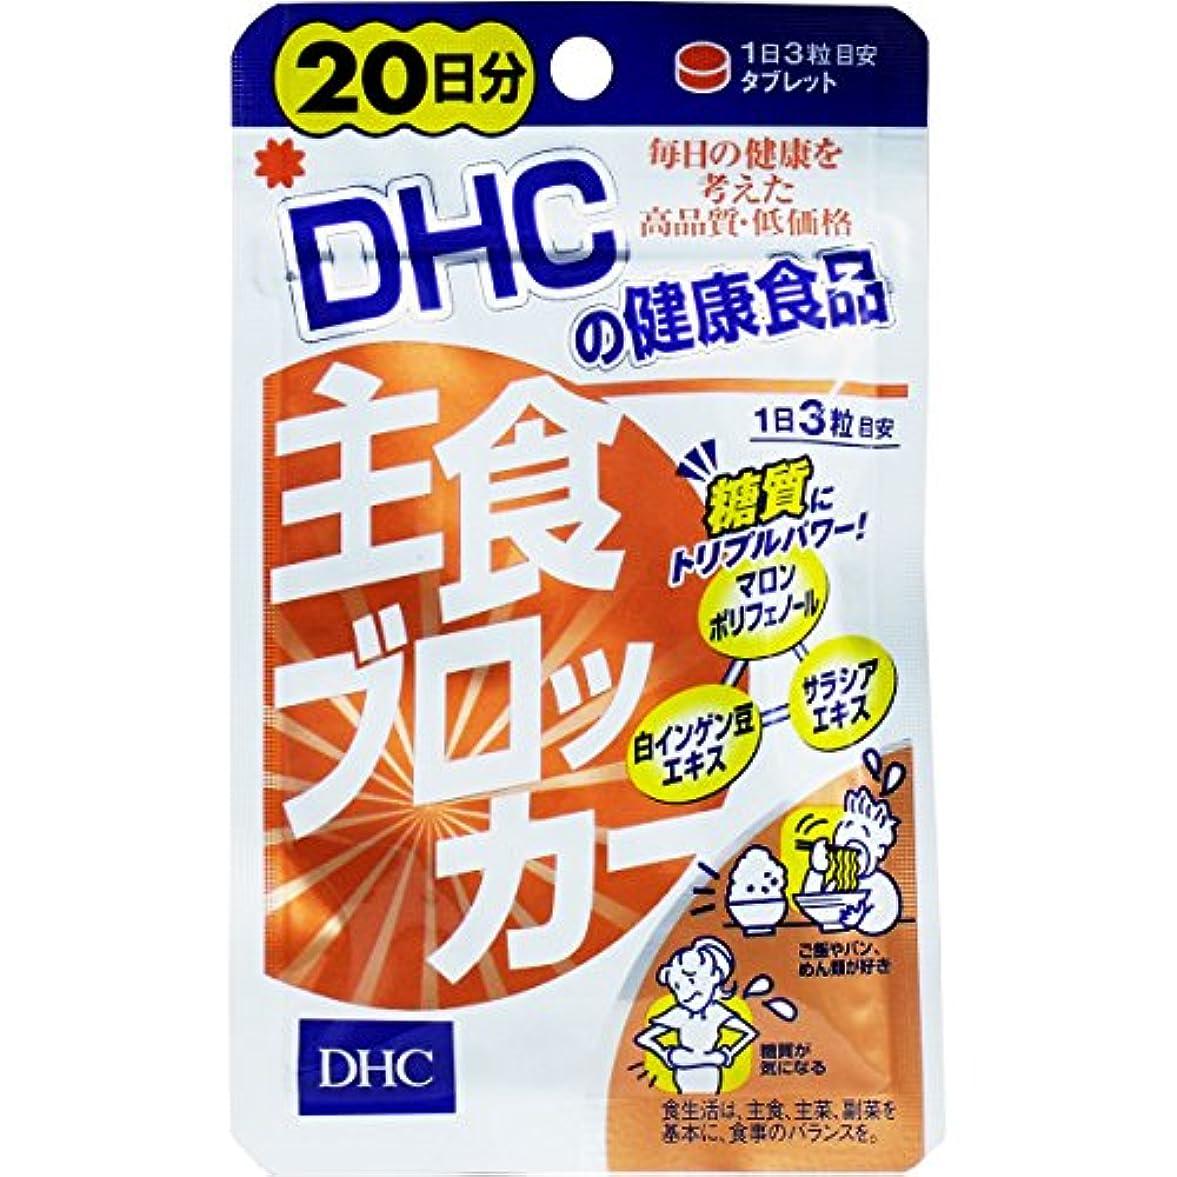 ペイン逃げる途方もない【DHC】主食ブロッカー 20日分 60粒 ×5個セット